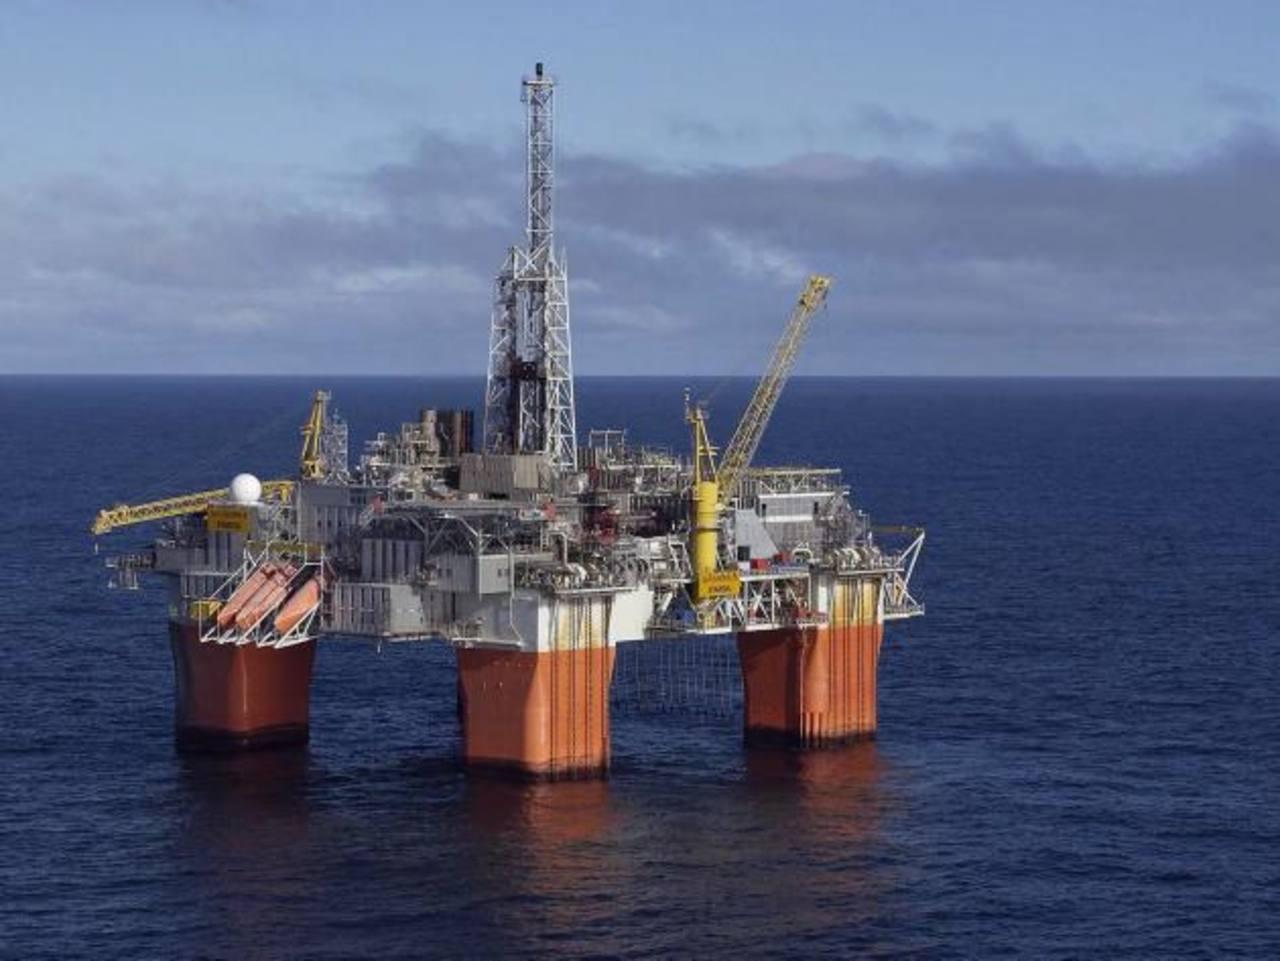 La empresa estatal Eni sería una de las que se privatizaría próximamente. foto edh /archivo